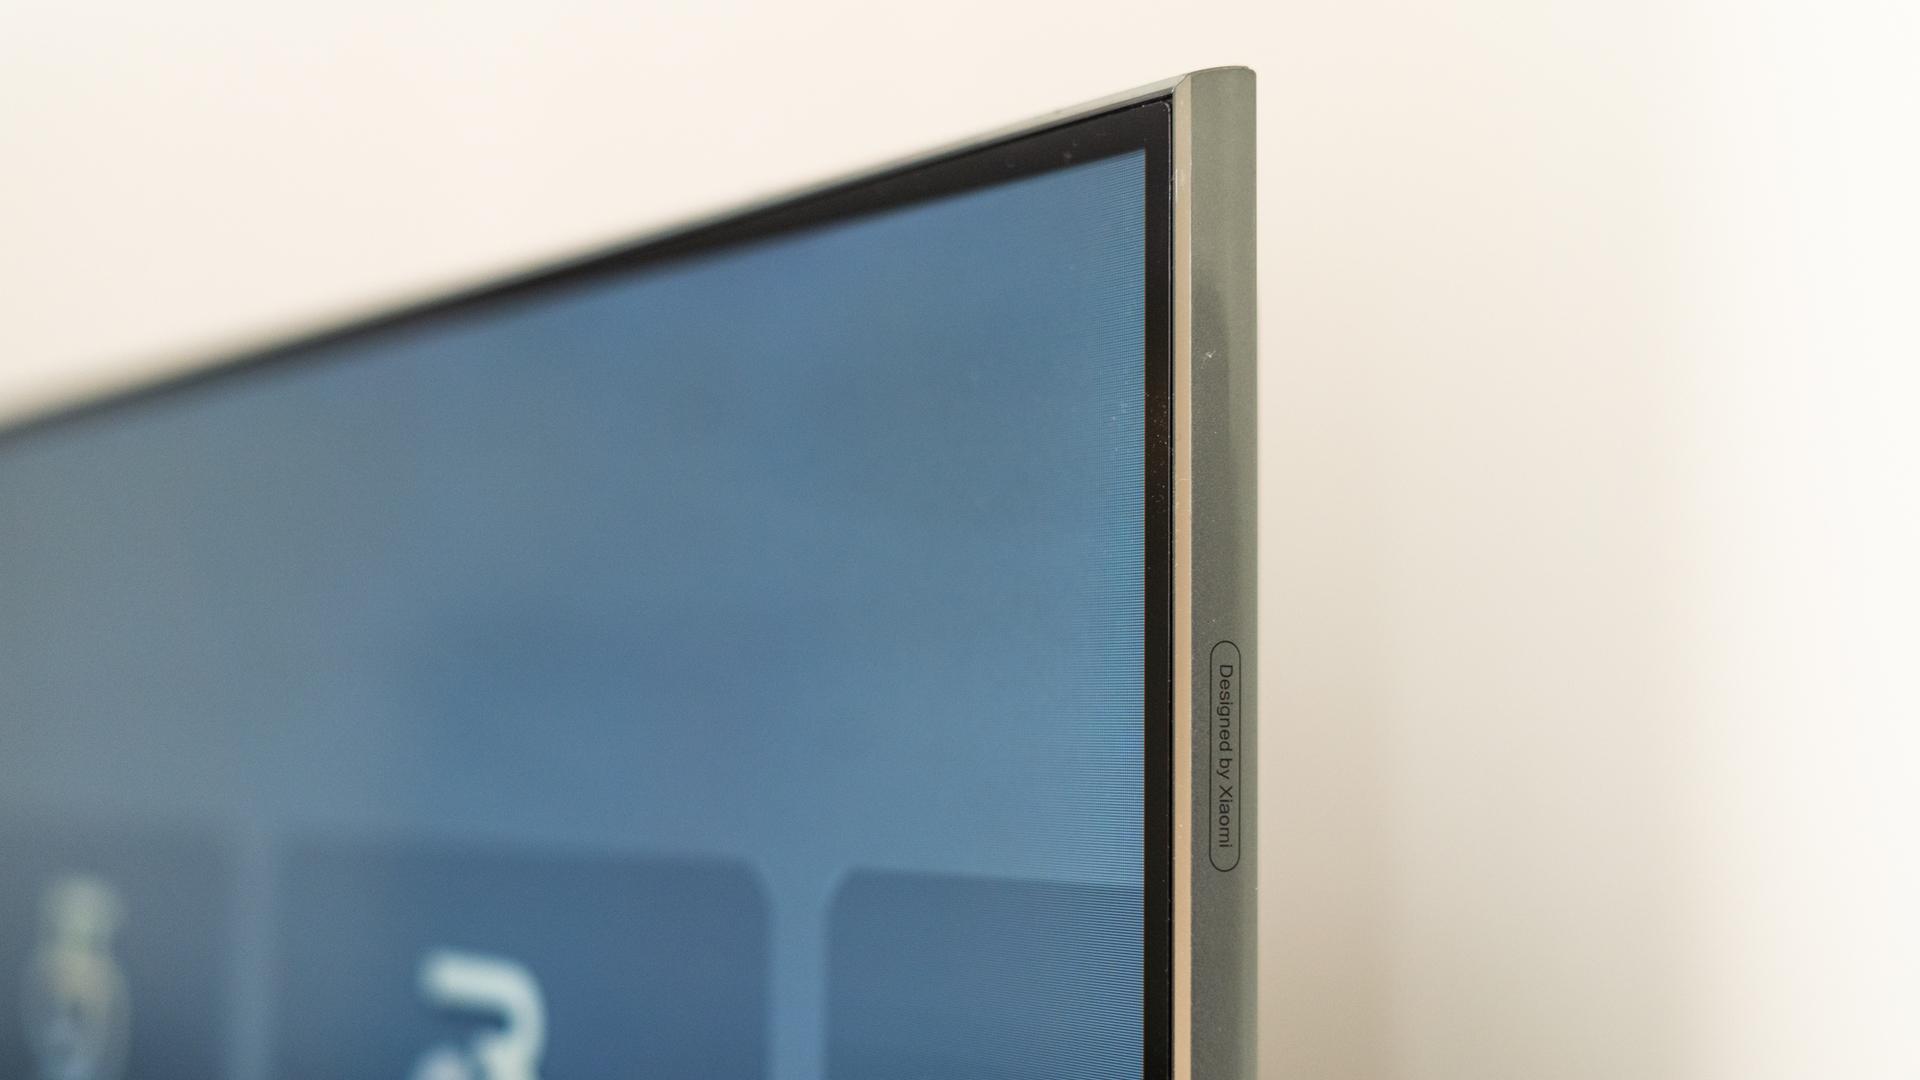 Mi QLED TV 75 frame